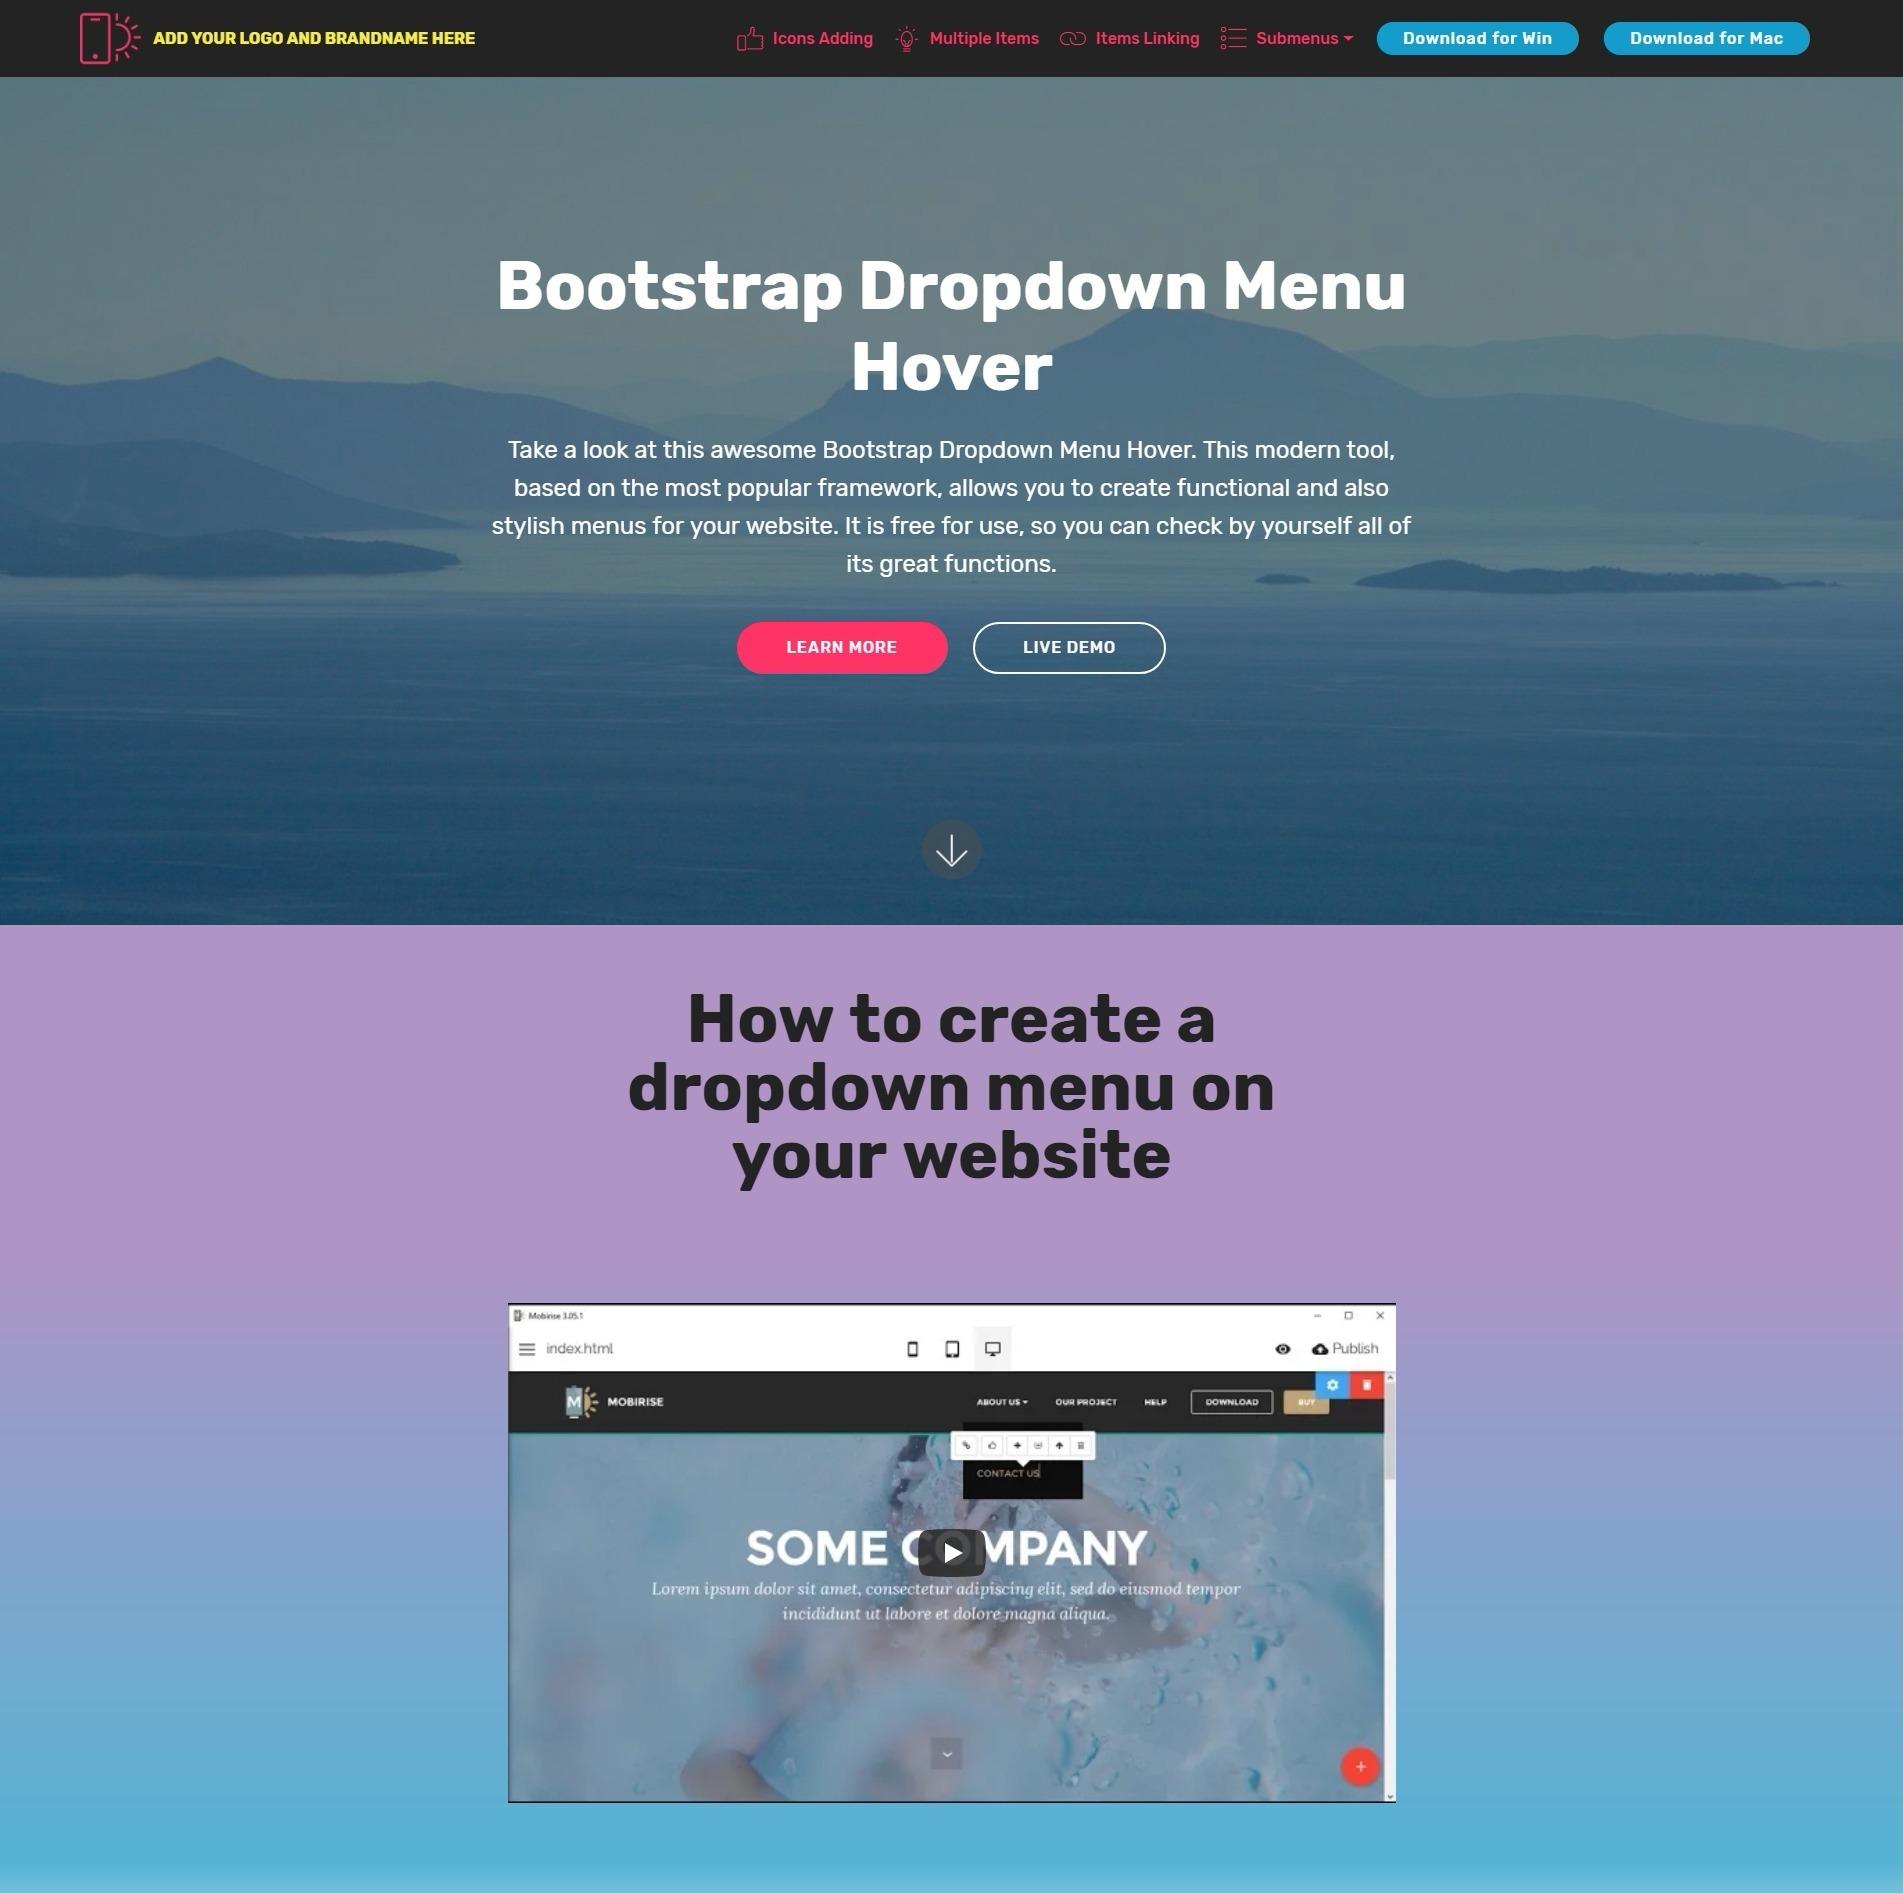 Bootstrap Dropdown Menu Hover